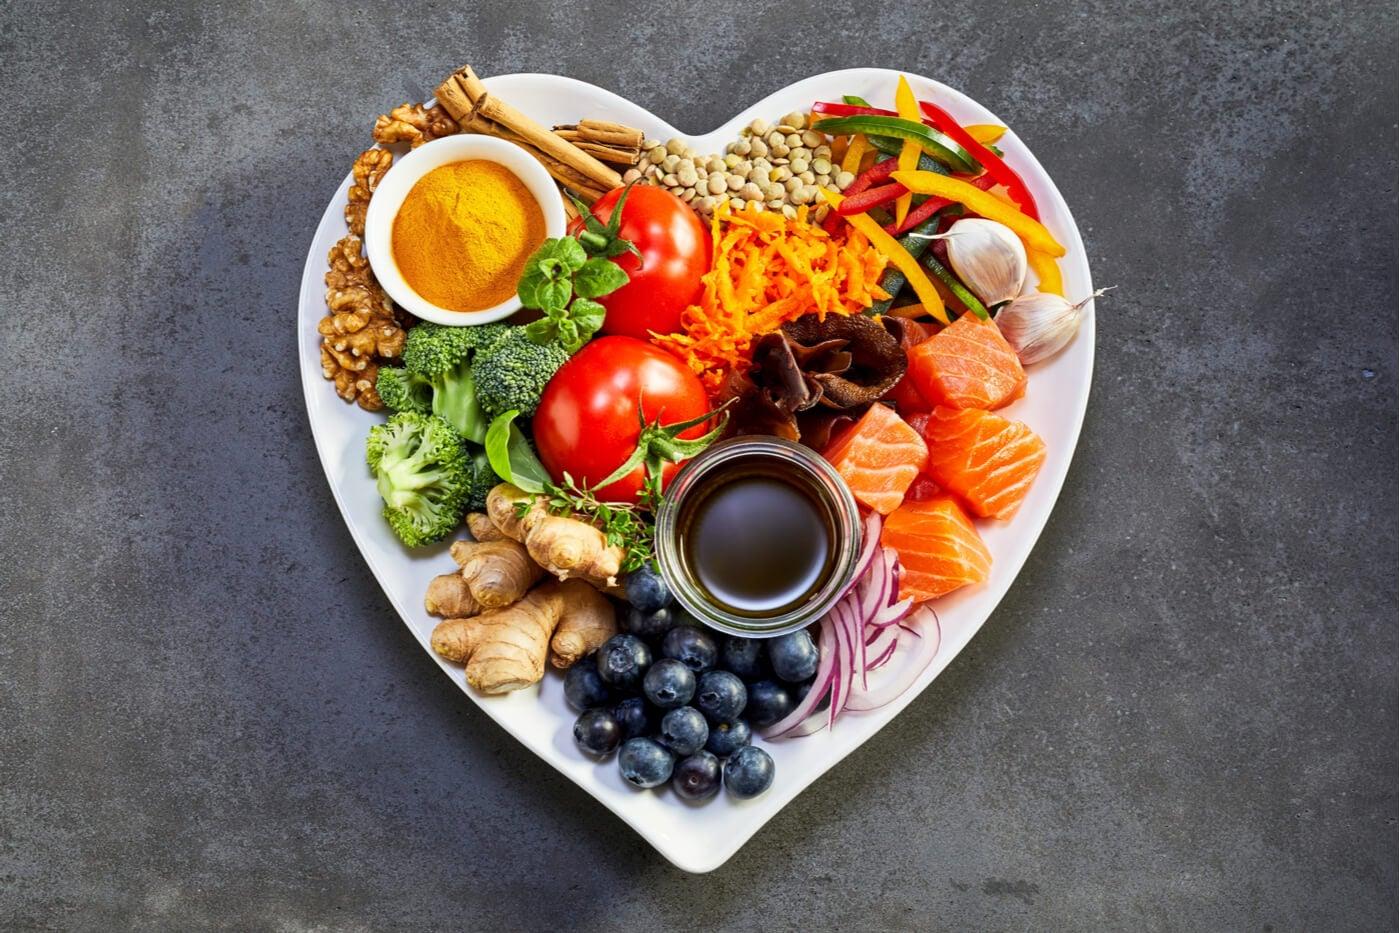 La dieta en el estado de ánimo: ¿cómo influye?